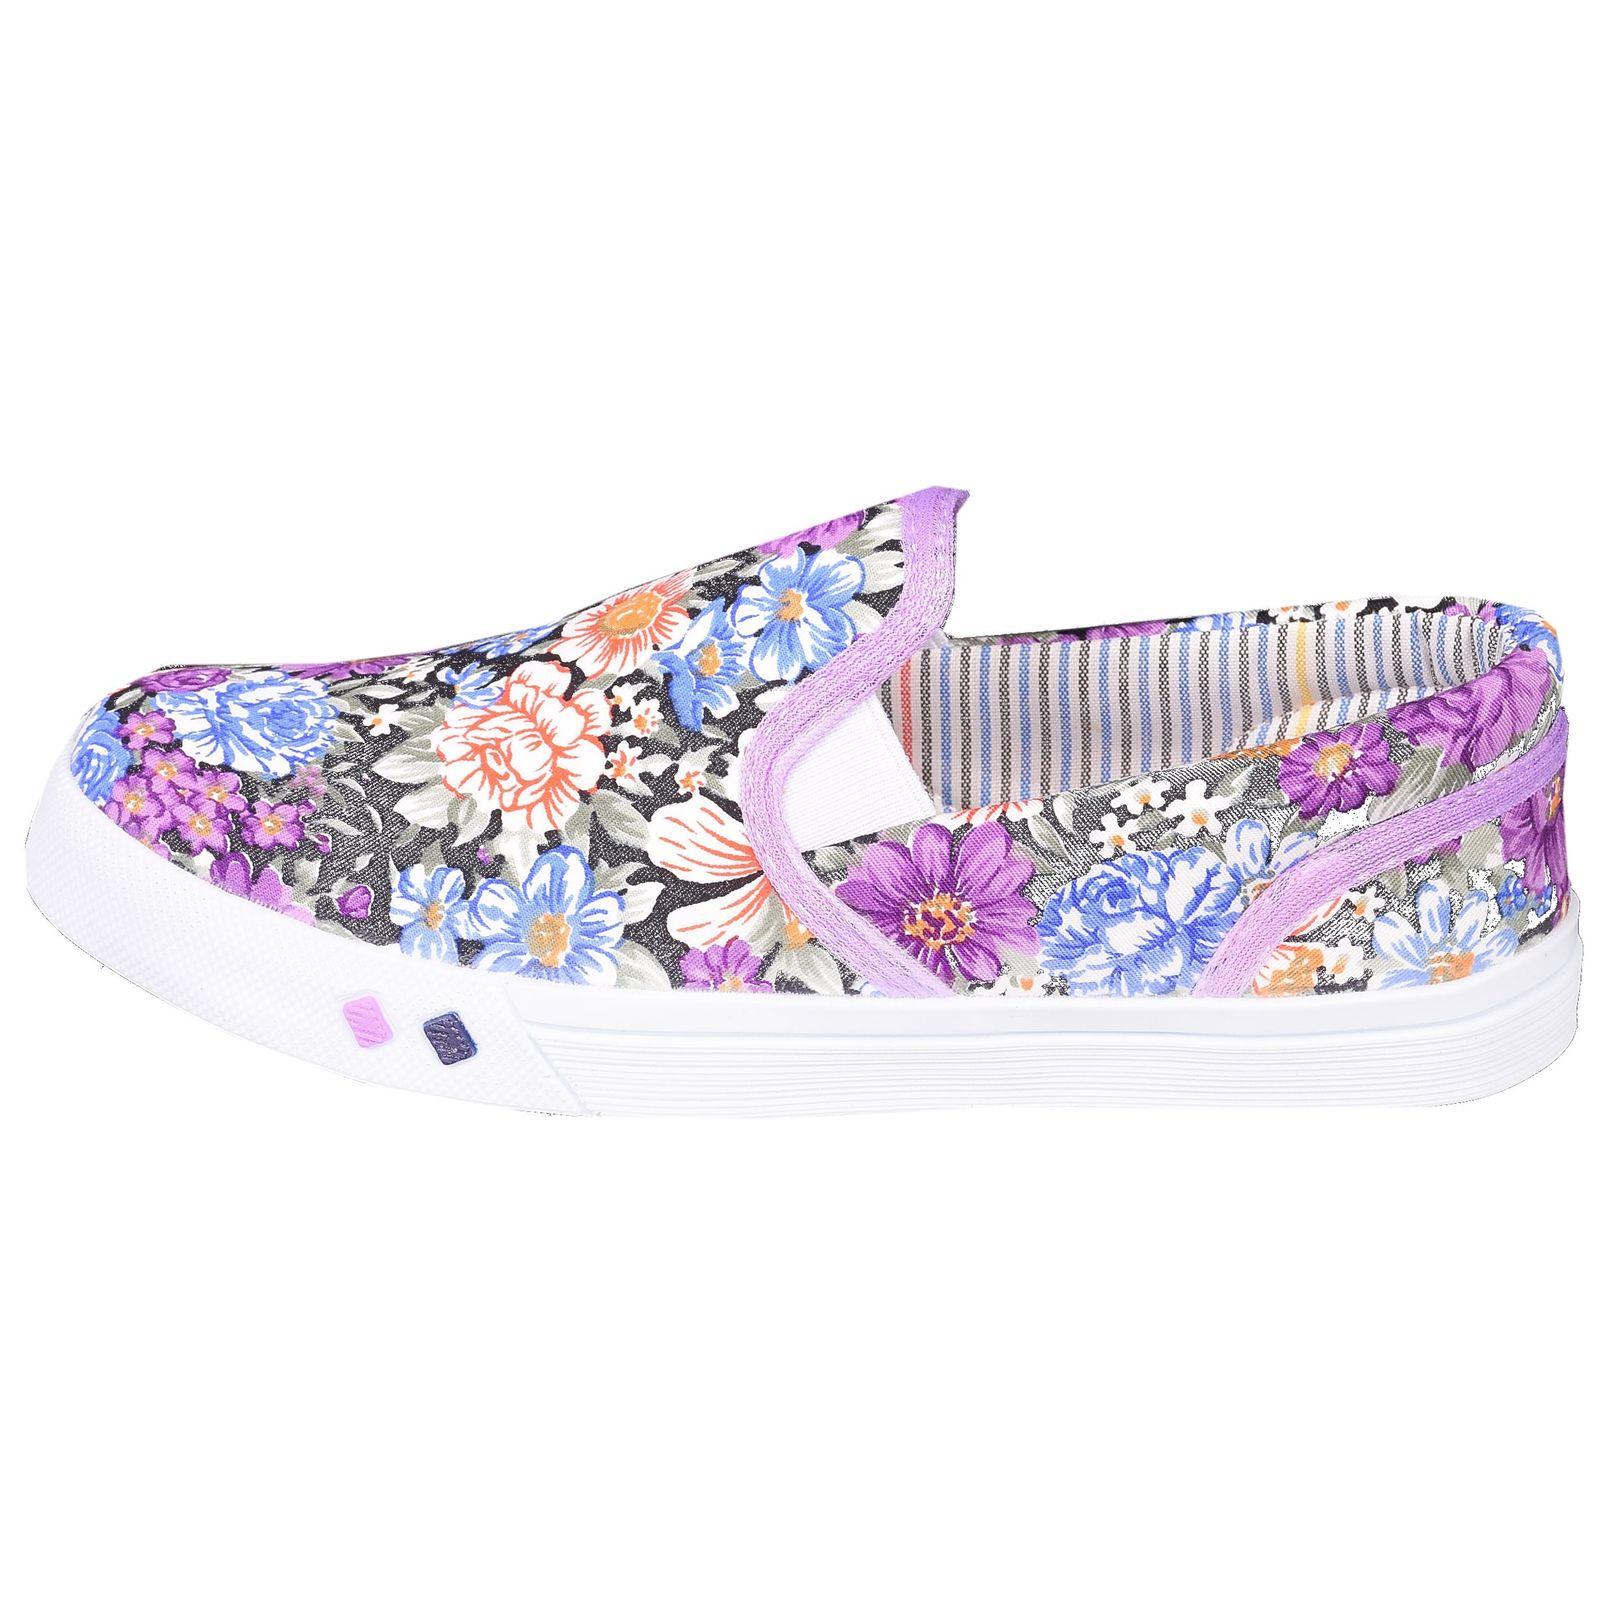 کفش راحتی دخترانه کد 3254-VT main 1 2